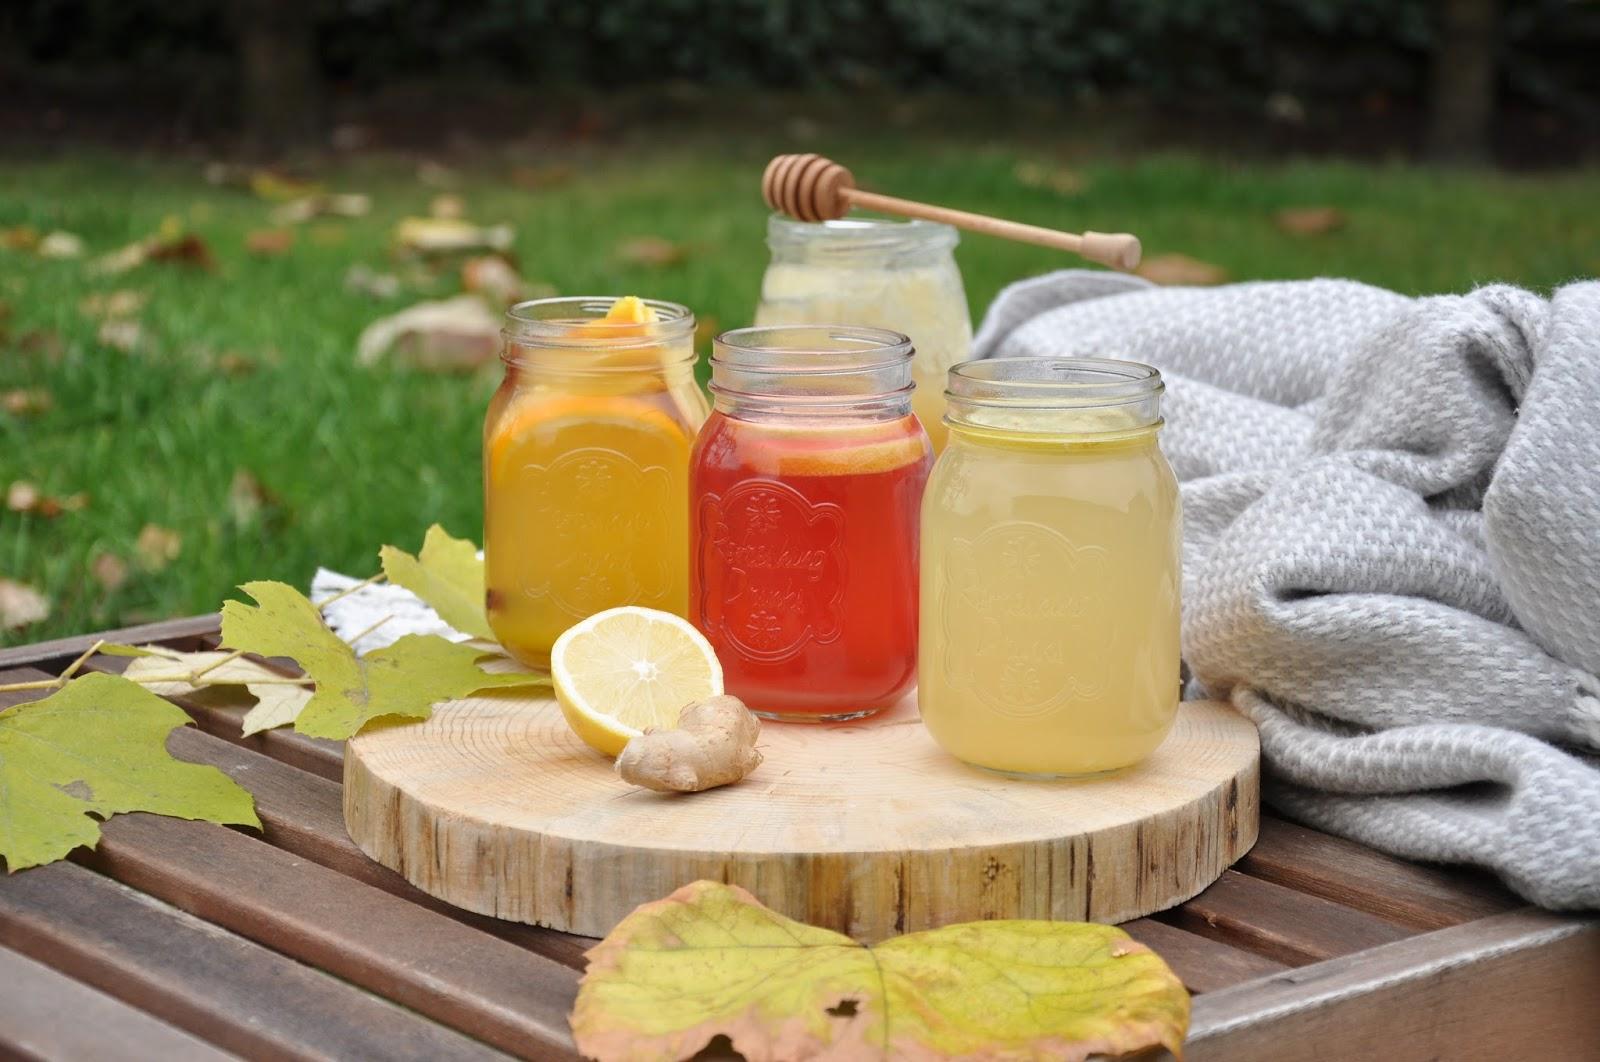 woda z miodem pomarańczą i jabłkami, miód wielokwiatowy